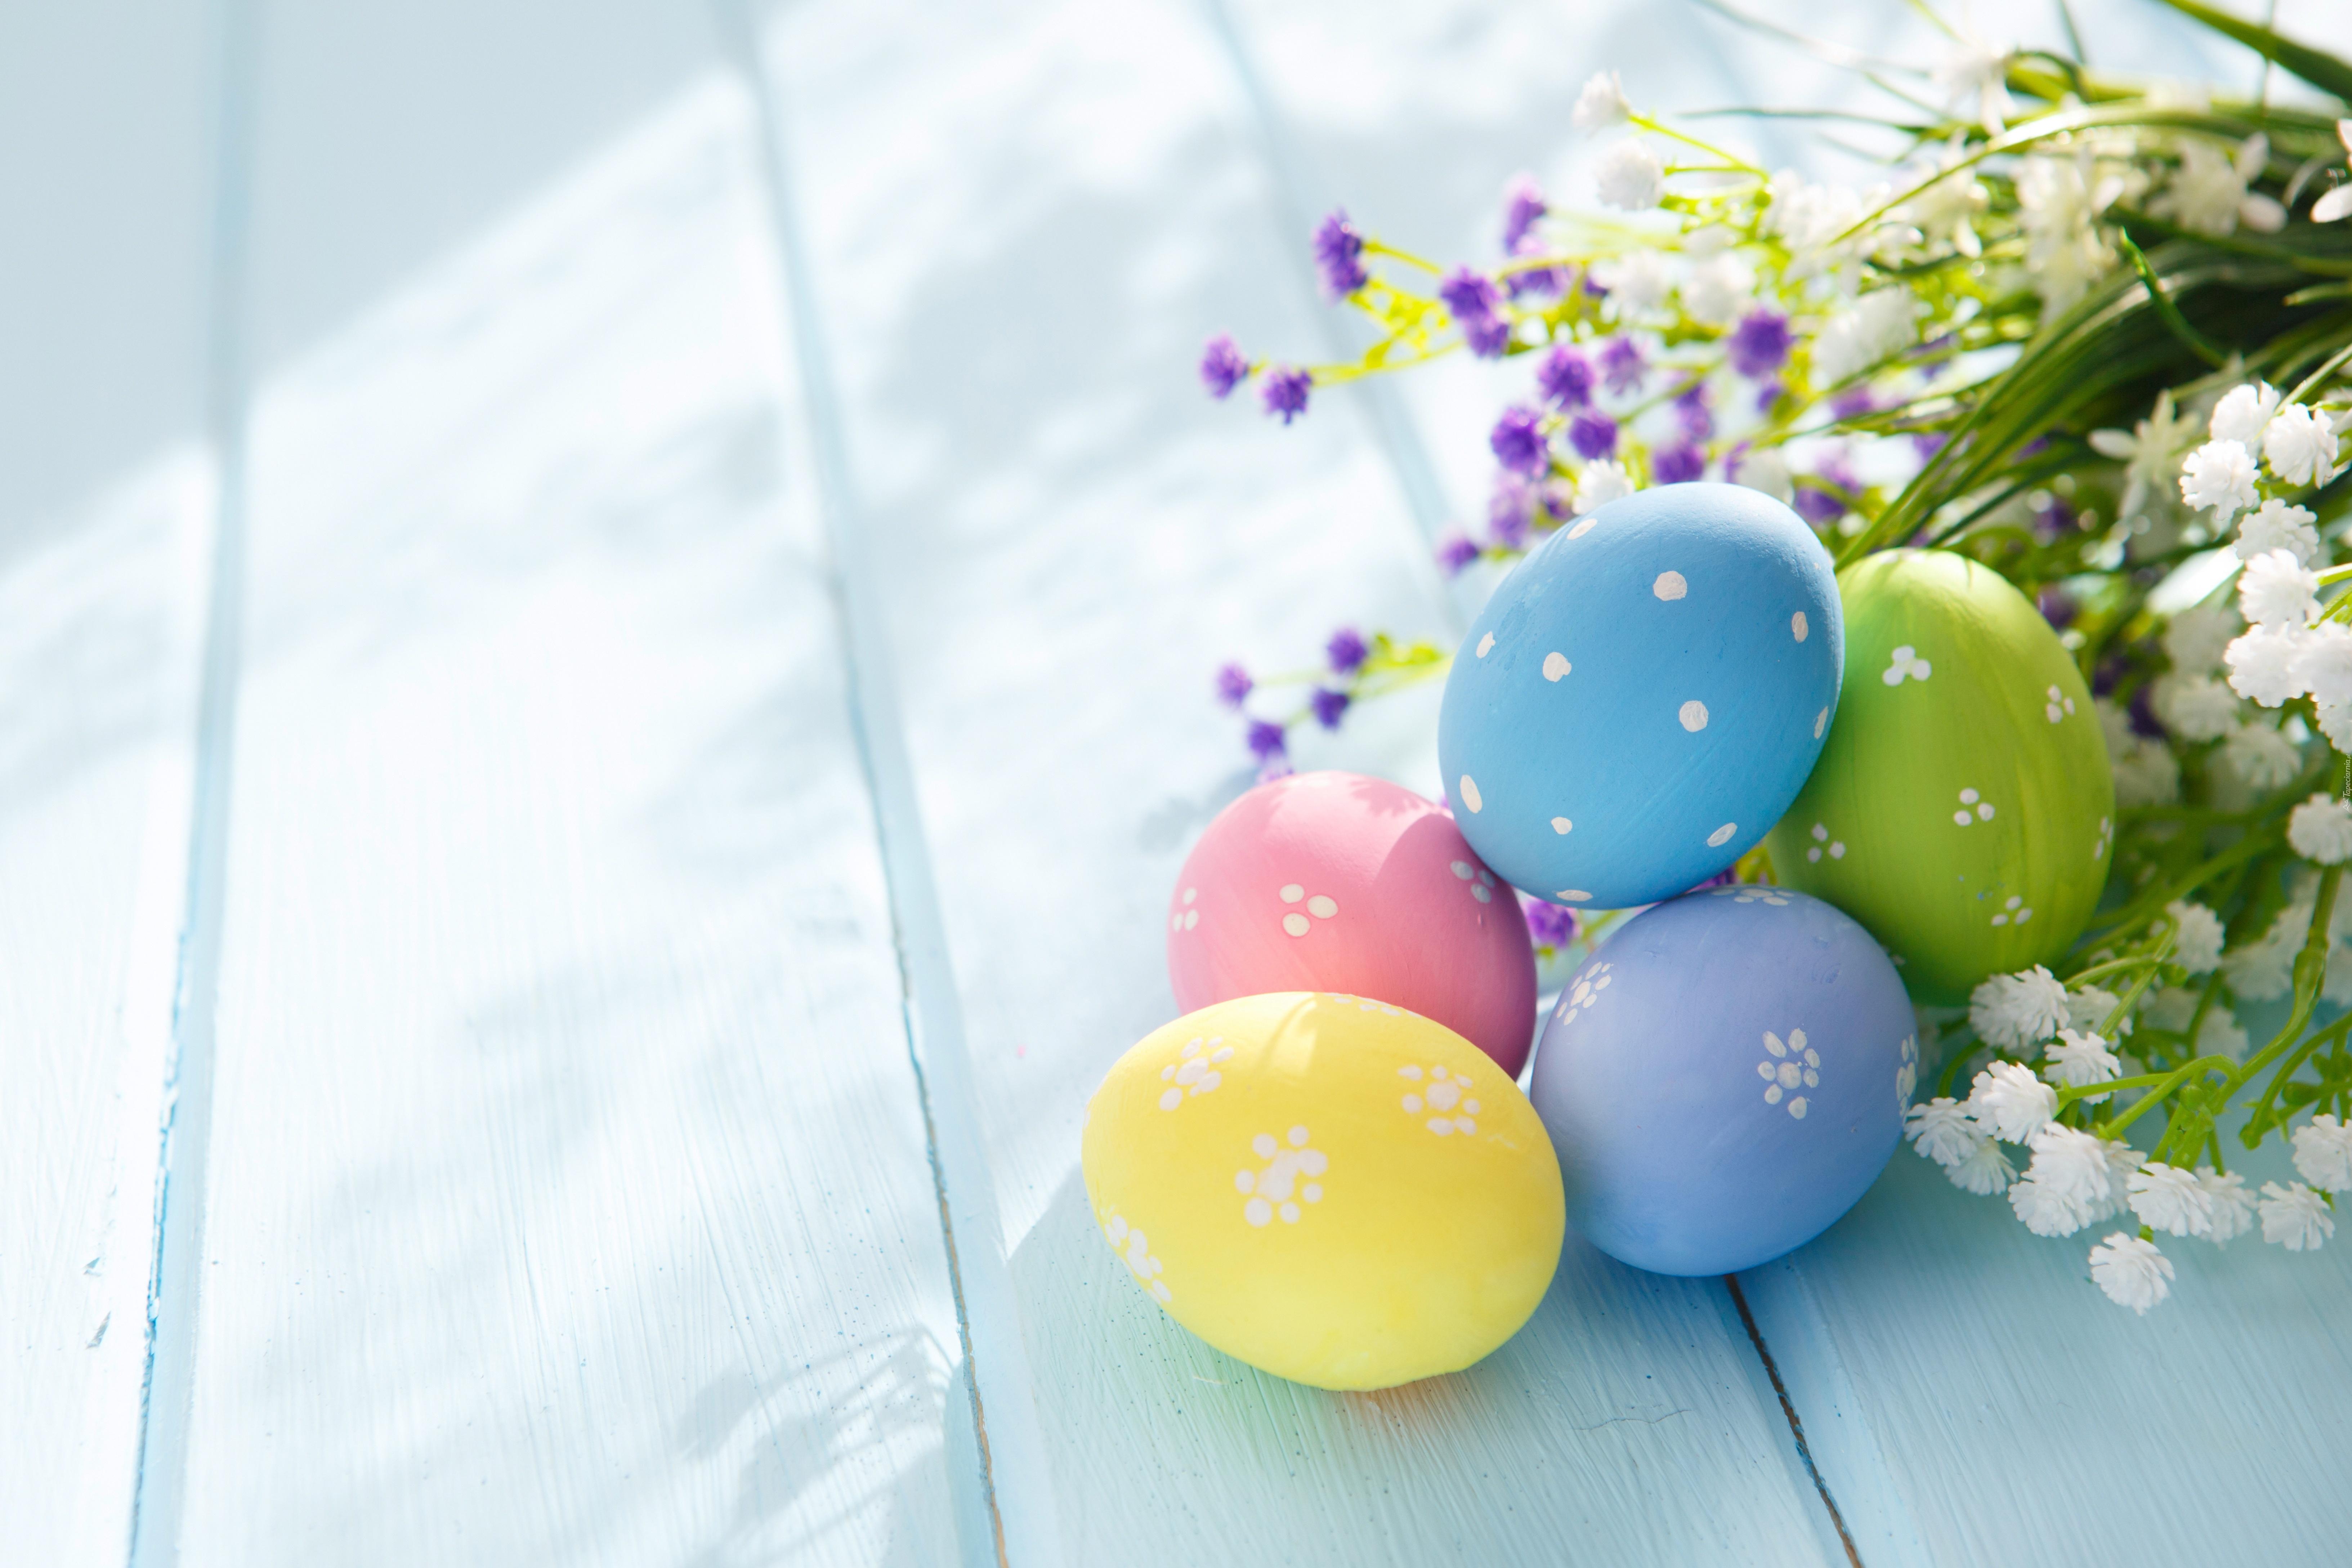 Wielkanoc, Pisanki, Jajka, Kwiaty